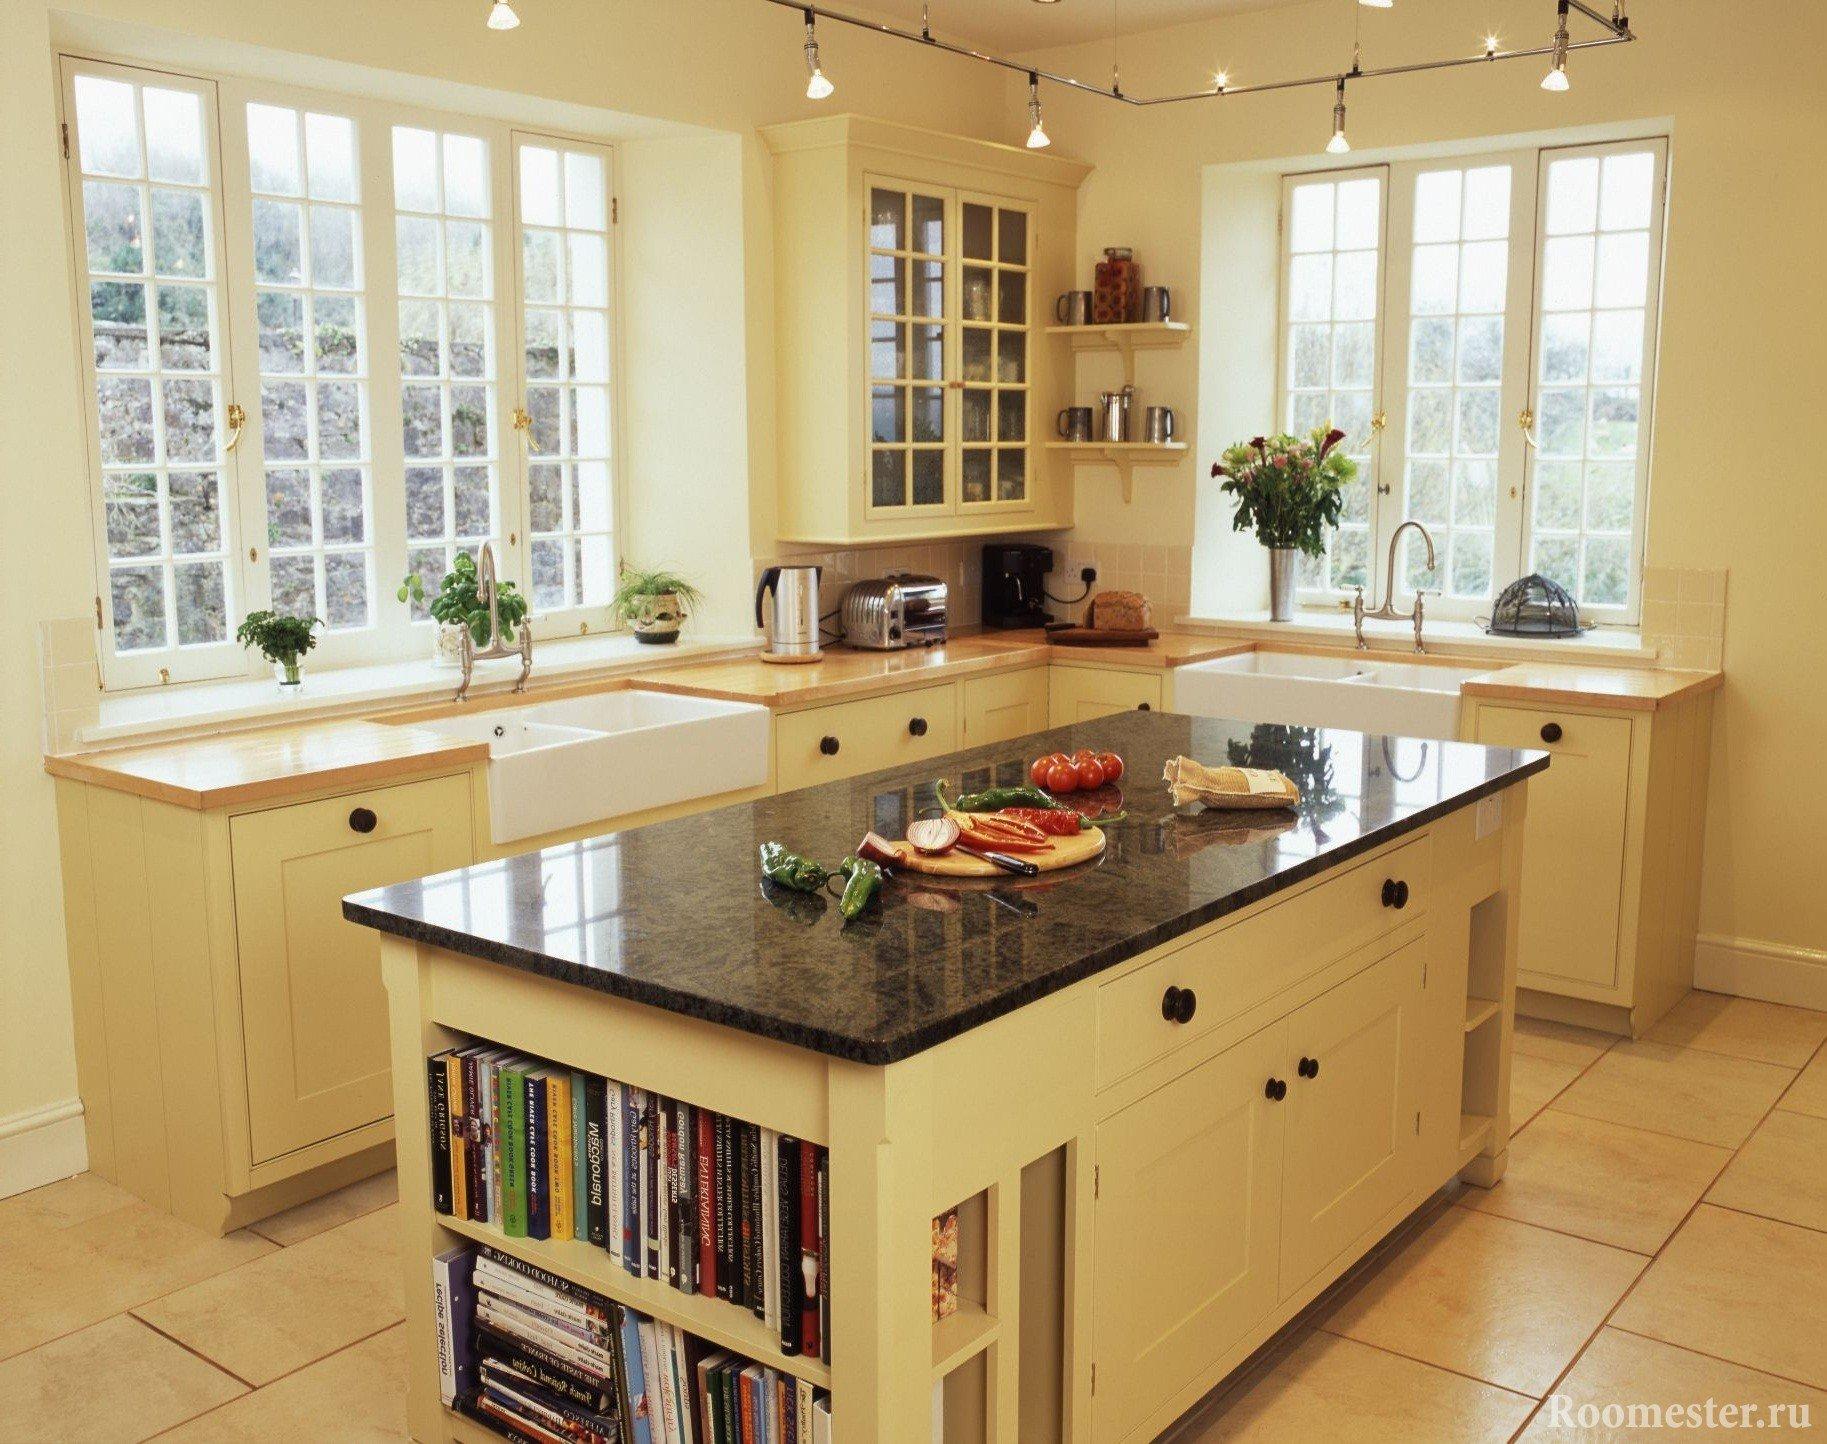 Кухня с двумя окнами и со столом-островом